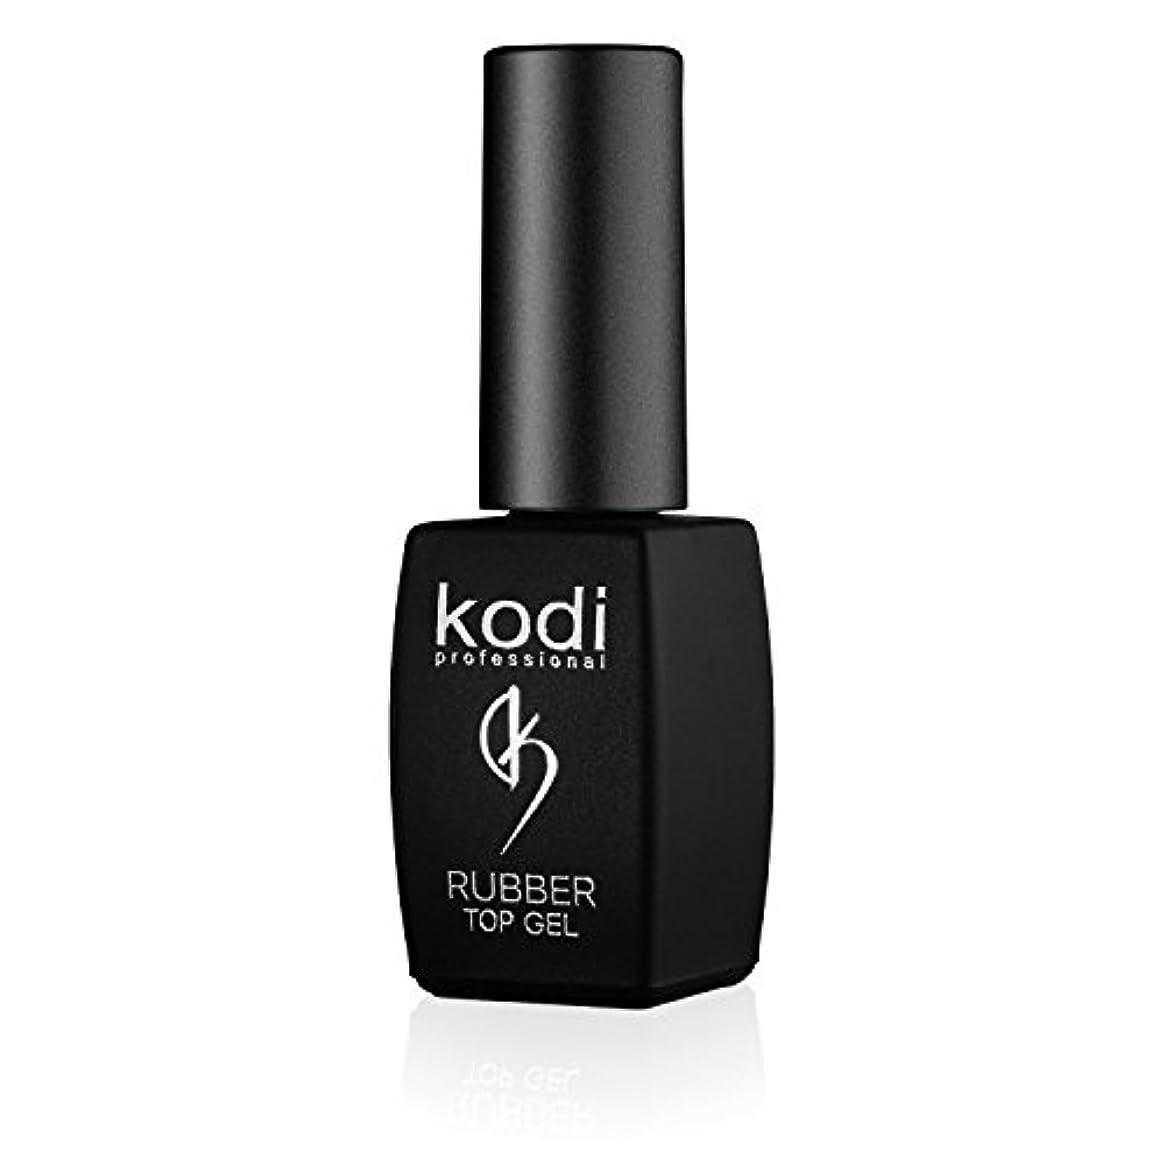 骨海藻コメントProfessional Rubber Top Gel By Kodi | 8ml 0.27 oz | Soak Off, Polish Fingernails Coat Kit | For Long Lasting Nails...